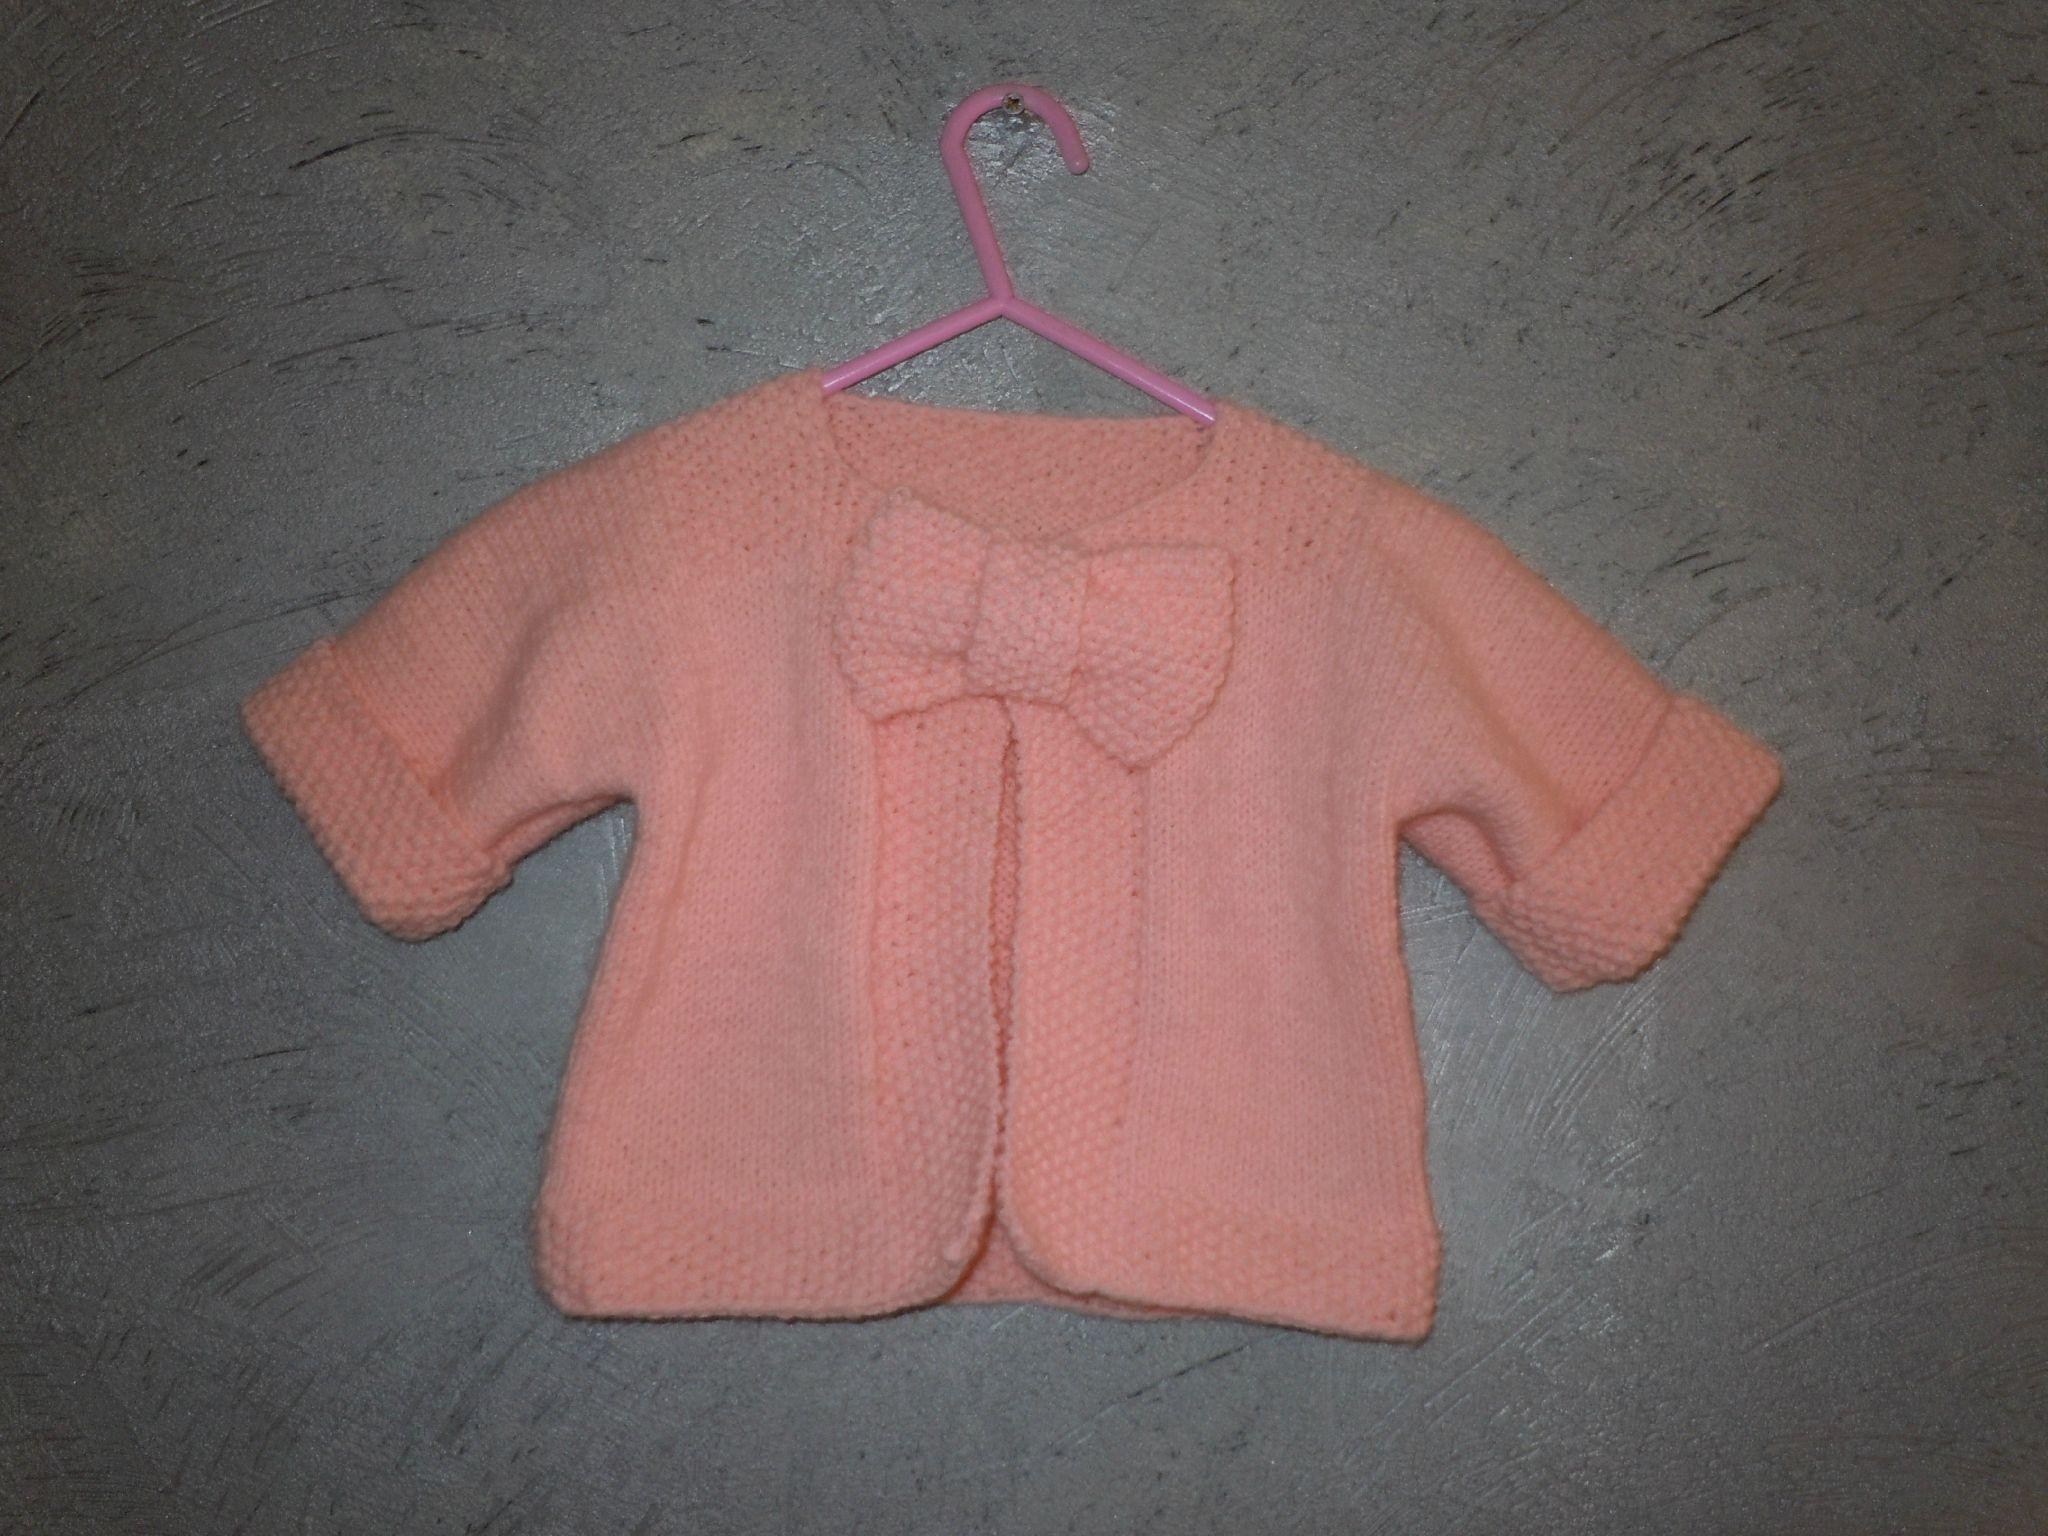 Modele de tricot enfant gratuit - Idées de tricot gratuit 7a5a92f6155